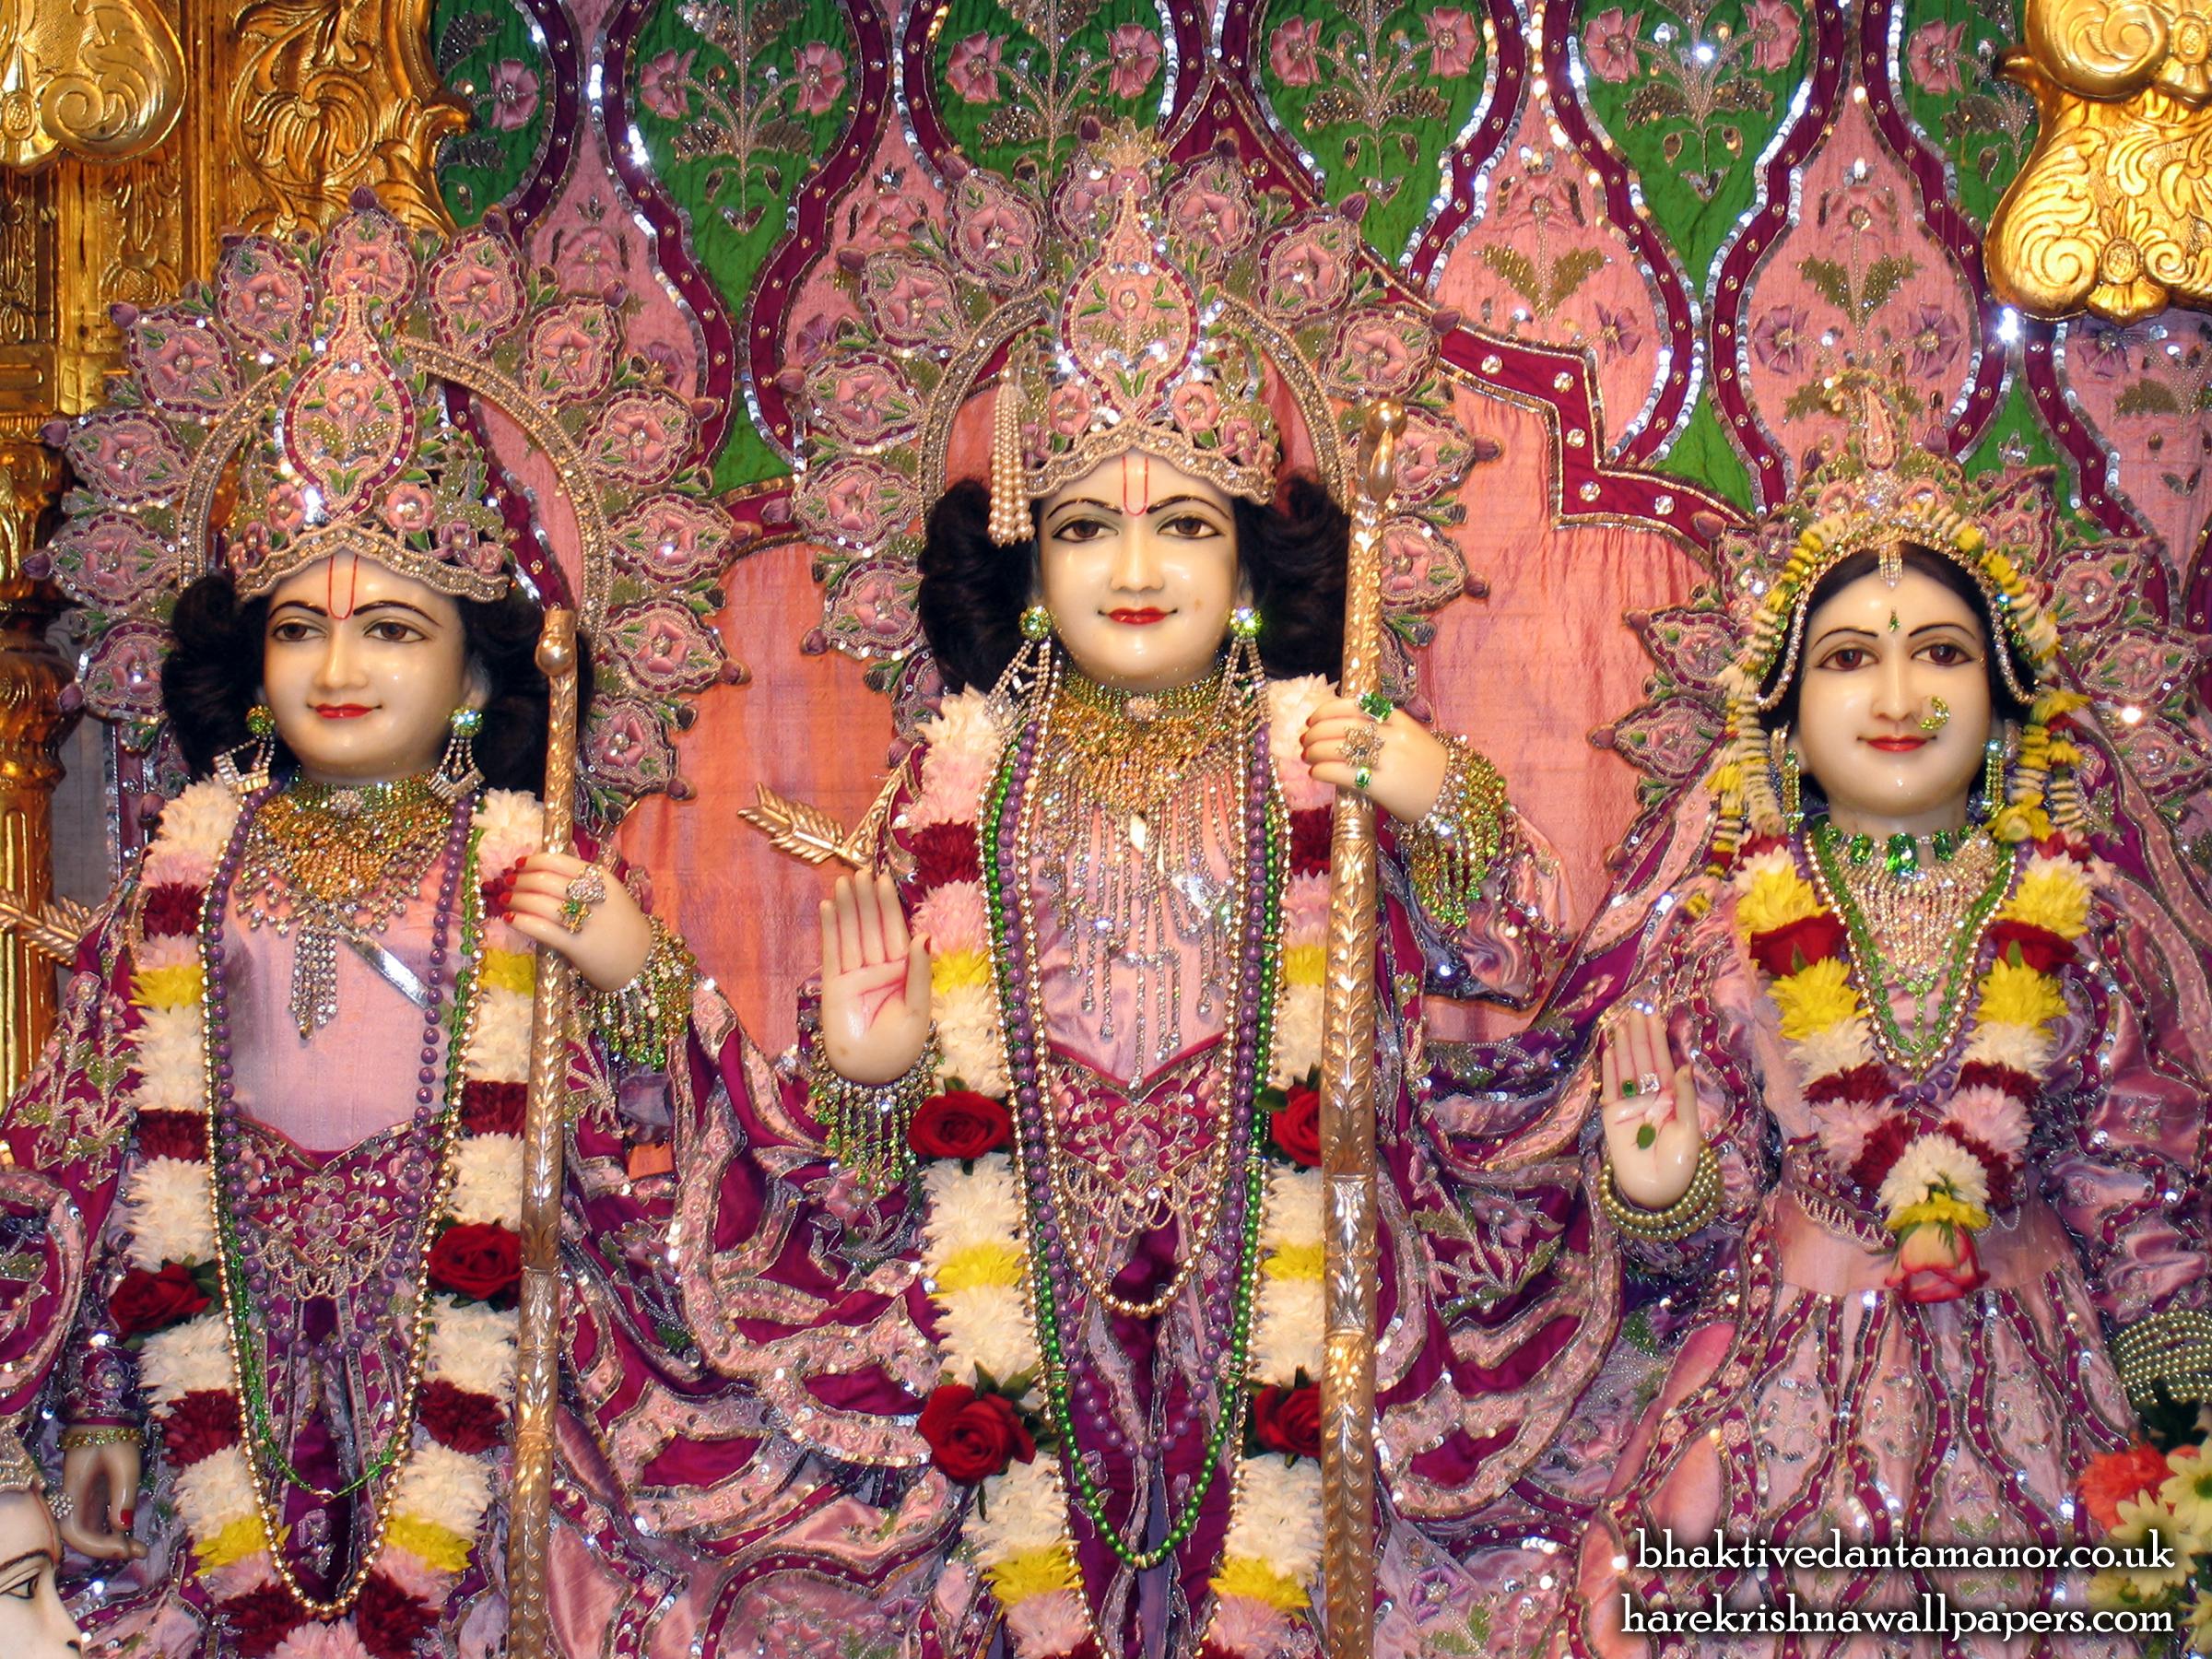 Sri Sri Sita Rama Laxman Close up Wallpaper (003) Size 2400x1800 Download